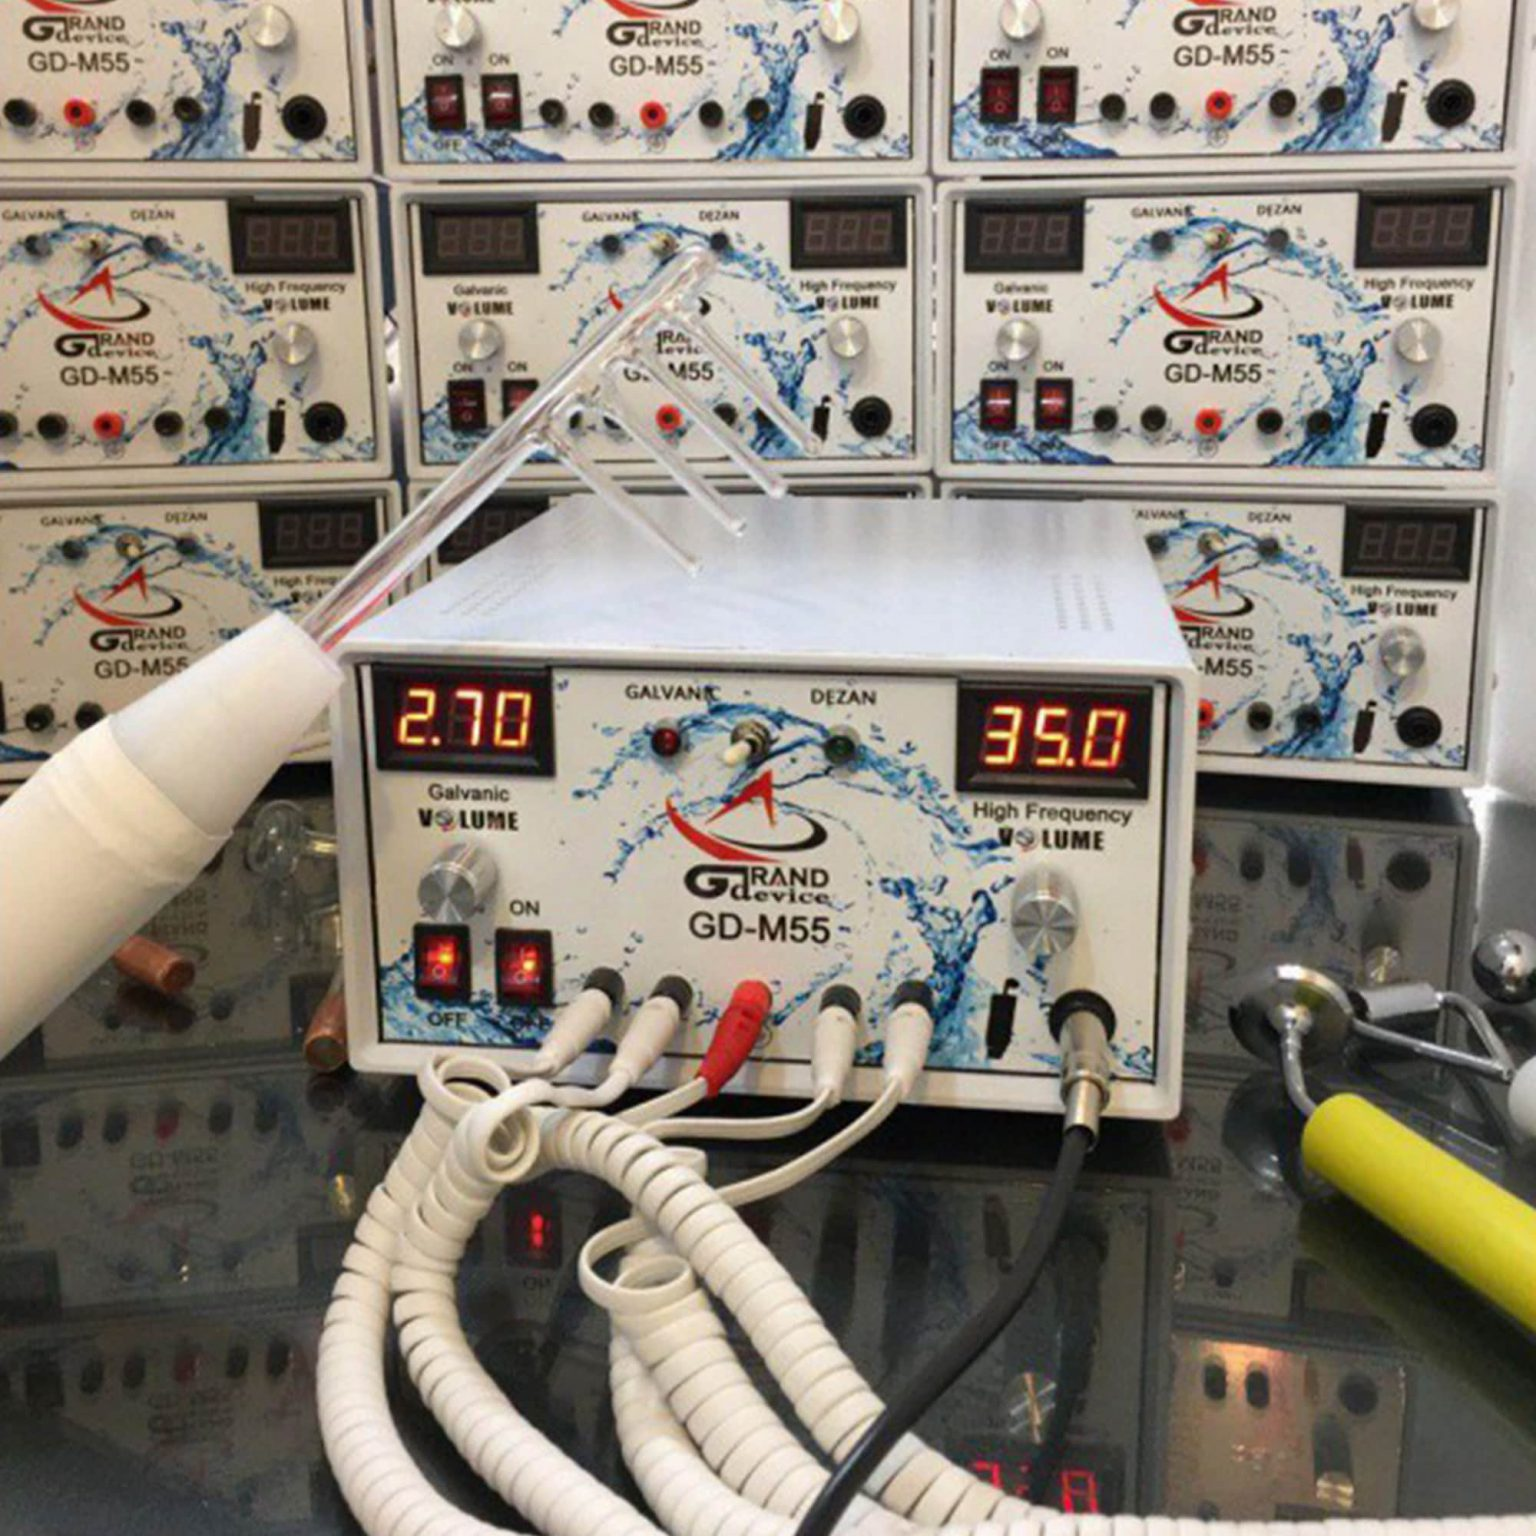 تصویر دستگاه هیدرودرمی گالوانیزه ۹ کاره (هیدرودرم+گالوانیک) 9-function galvanized hydrodermabrasion device (hydrodermabrasion + galvanic)